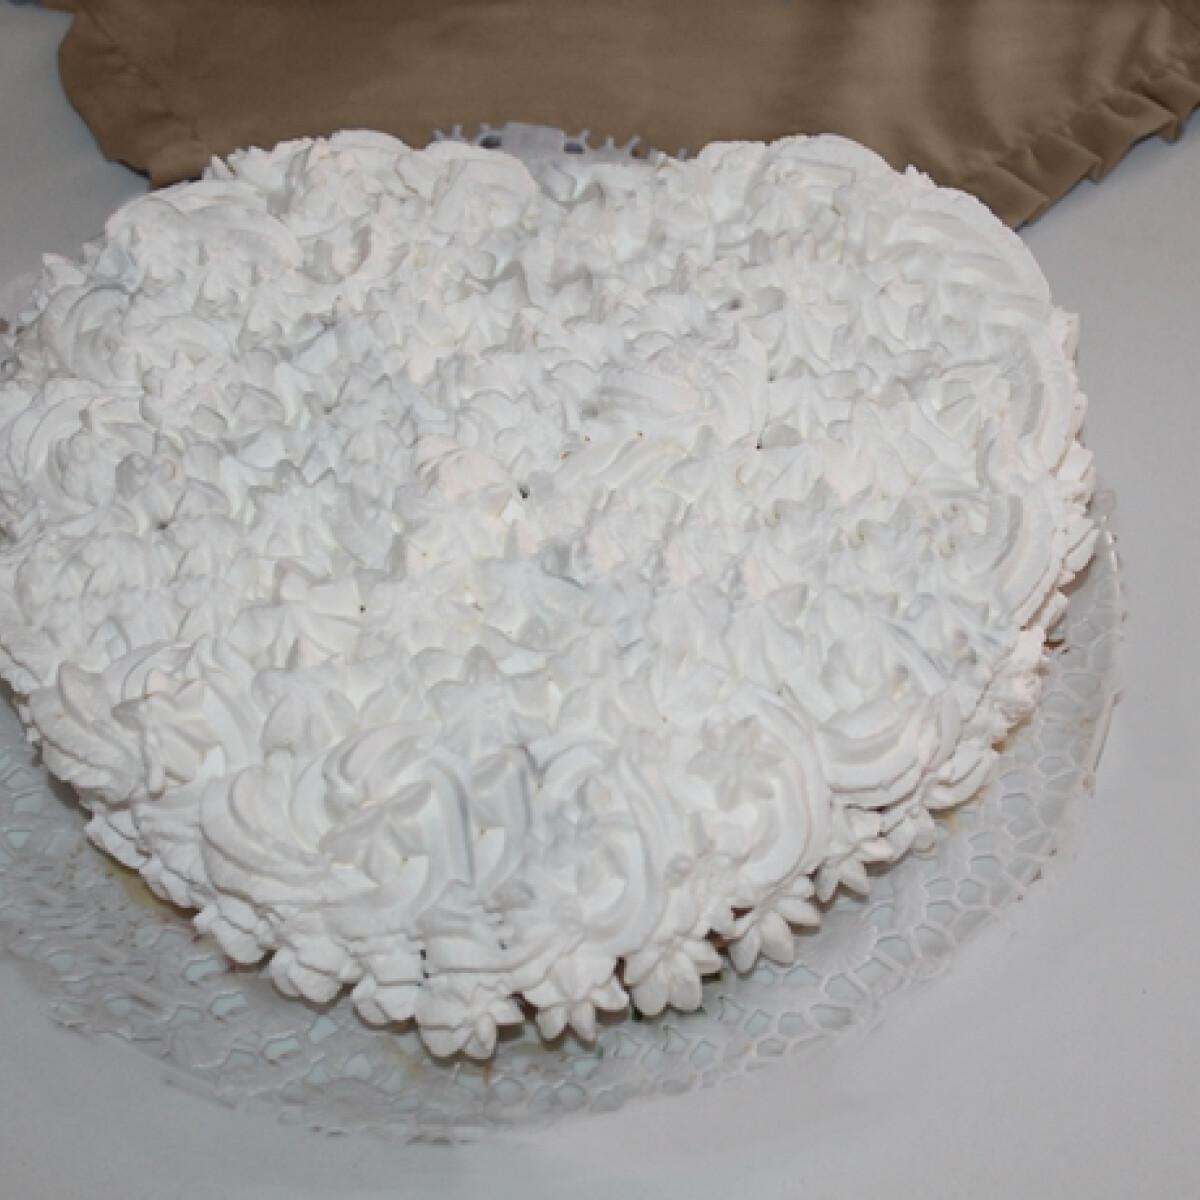 Ezen a képen: Kinder bueno dupla kekszréteggel